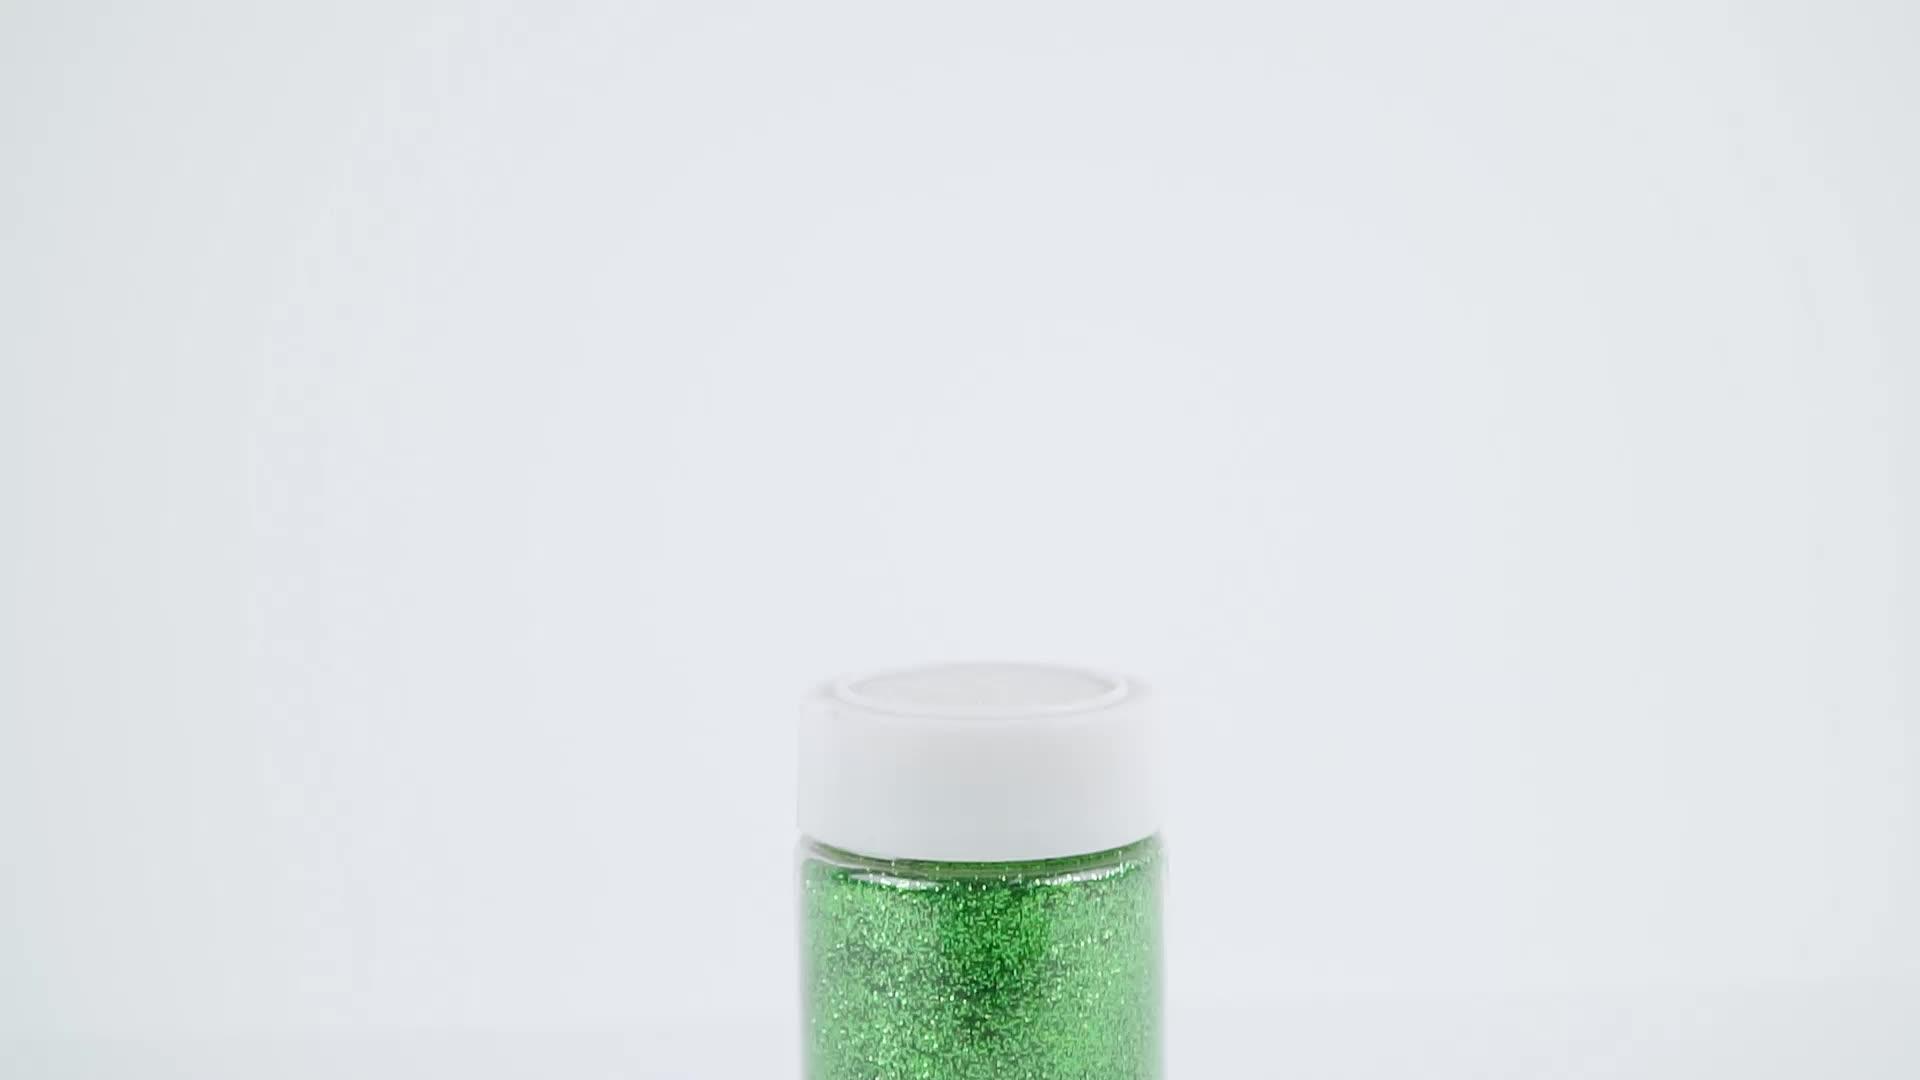 थोक पर्यावरण के अनुकूल wholesales पालतू सुंदर चमकदार धातुई चमक पाउडर के लिए क्रिसमस DIY शिल्प सजावट